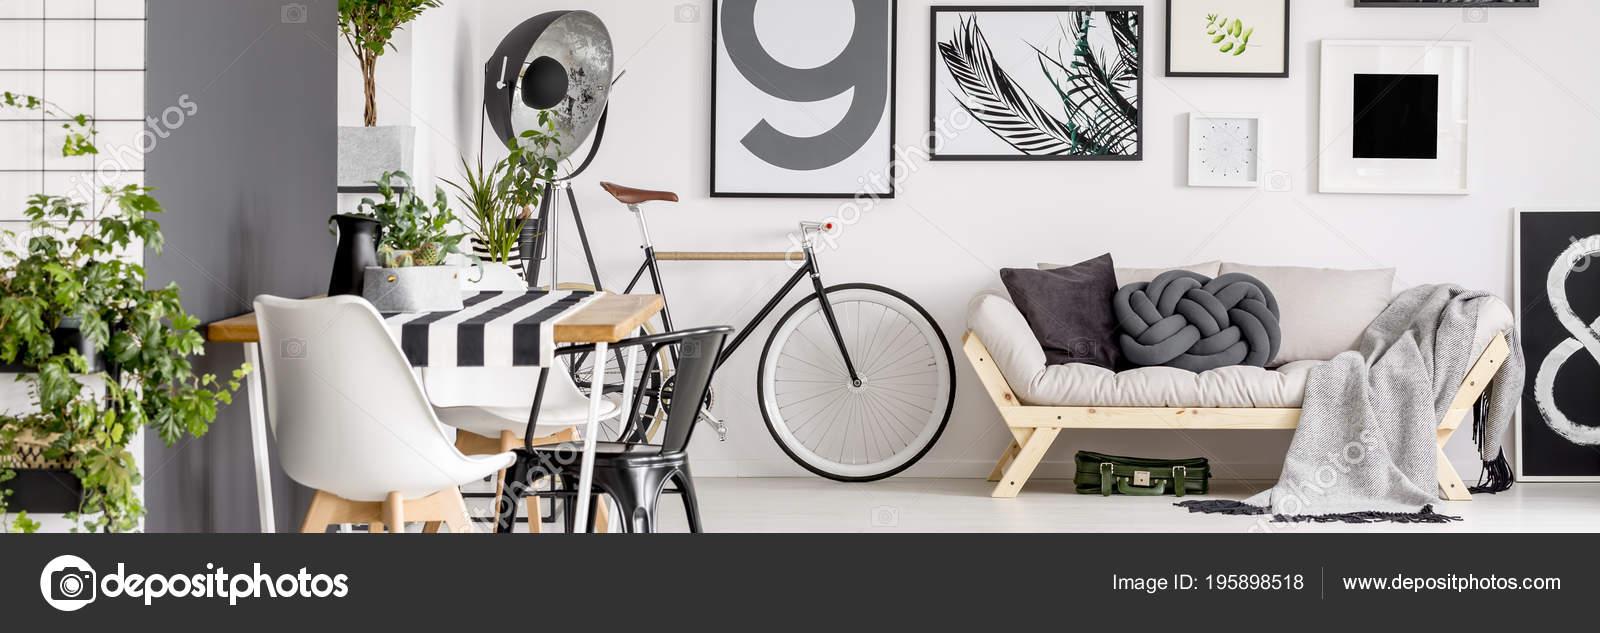 Einfache Plakate Hängen Weiße Wand Wohnzimmer Interieur Mit Fahrrad ...